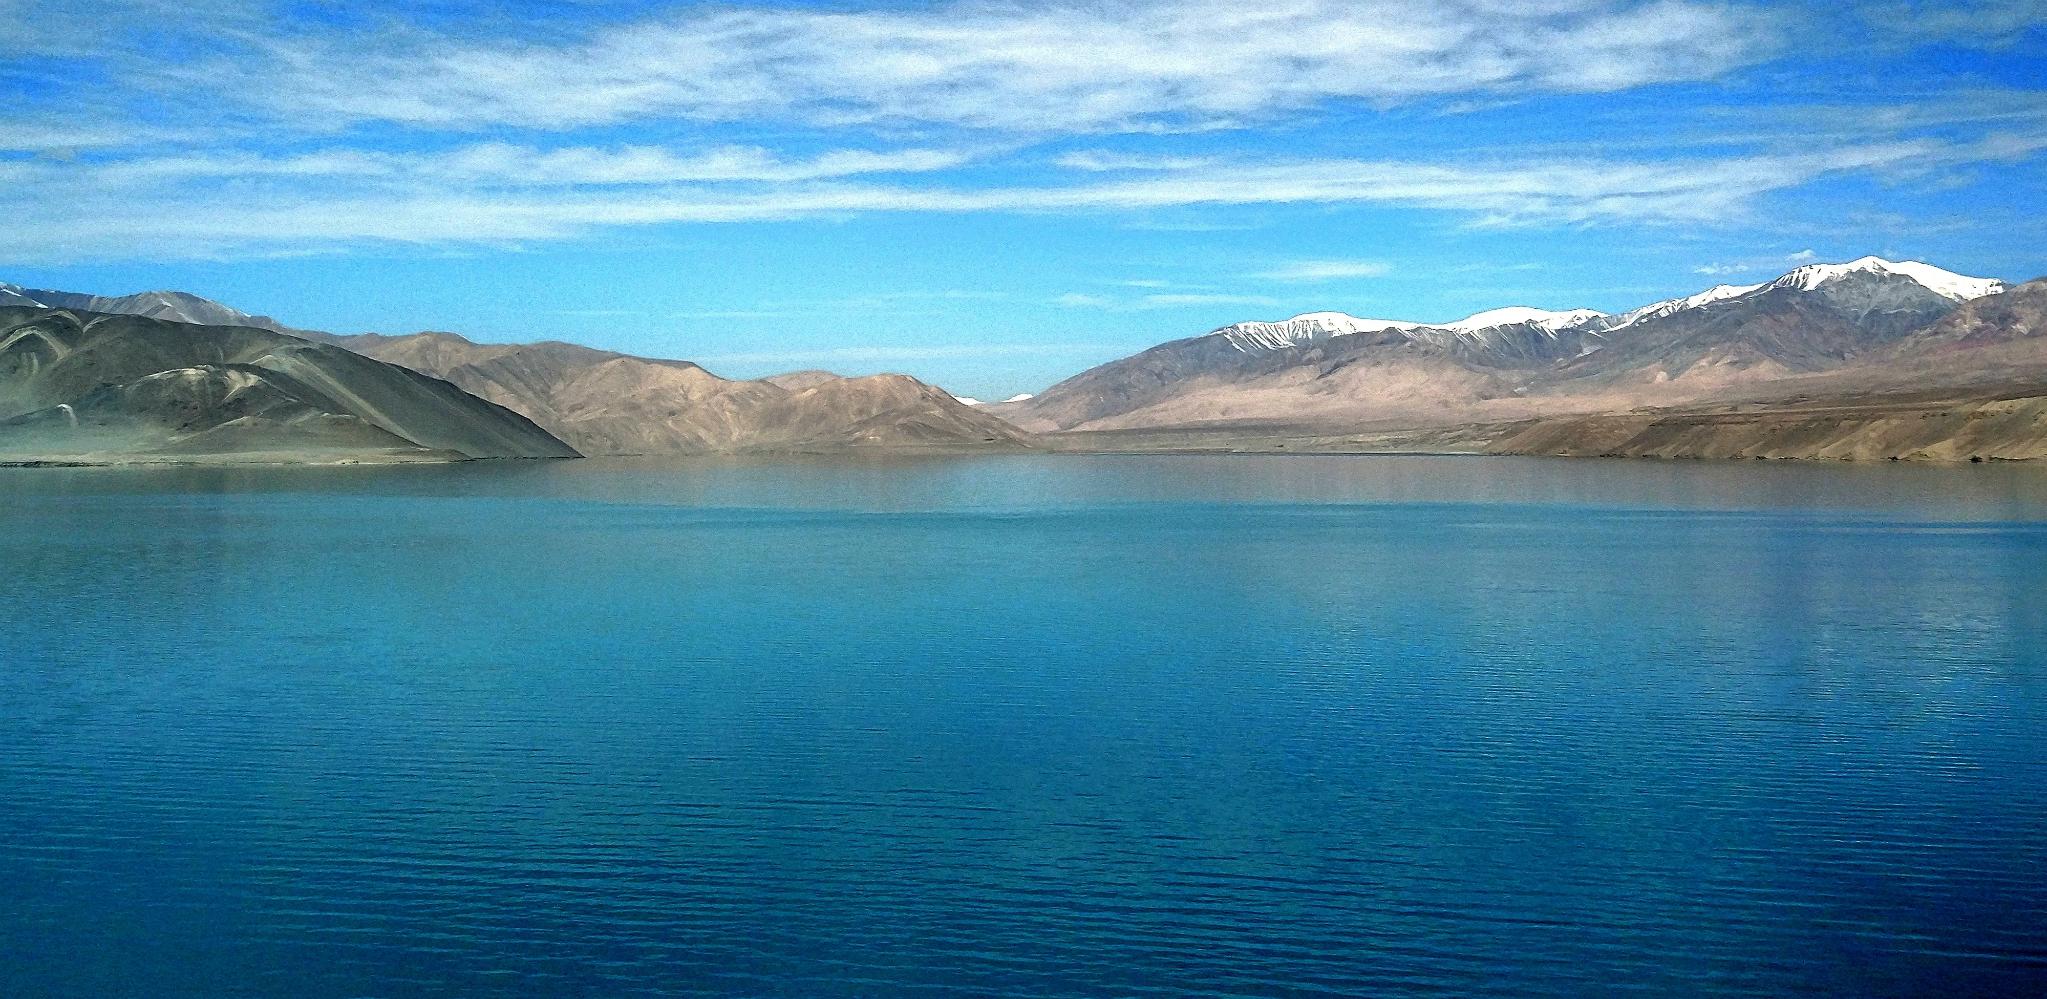 【原创摄影】大美新疆——9、高原明珠喀拉库勒湖